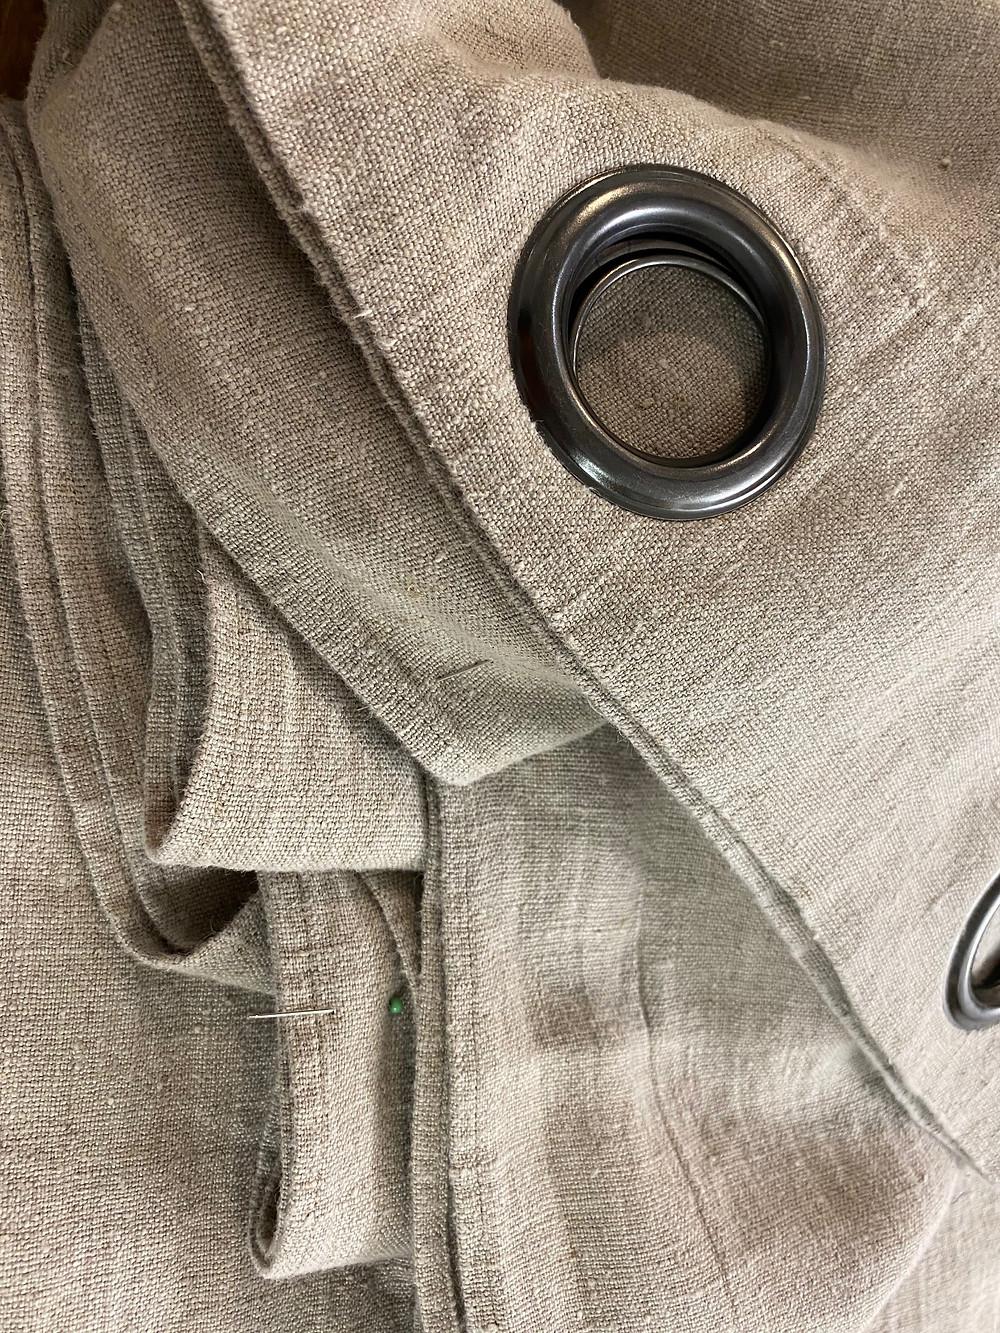 rideau, lin, couture déco et ameublement, atelier Galon d'Ingres